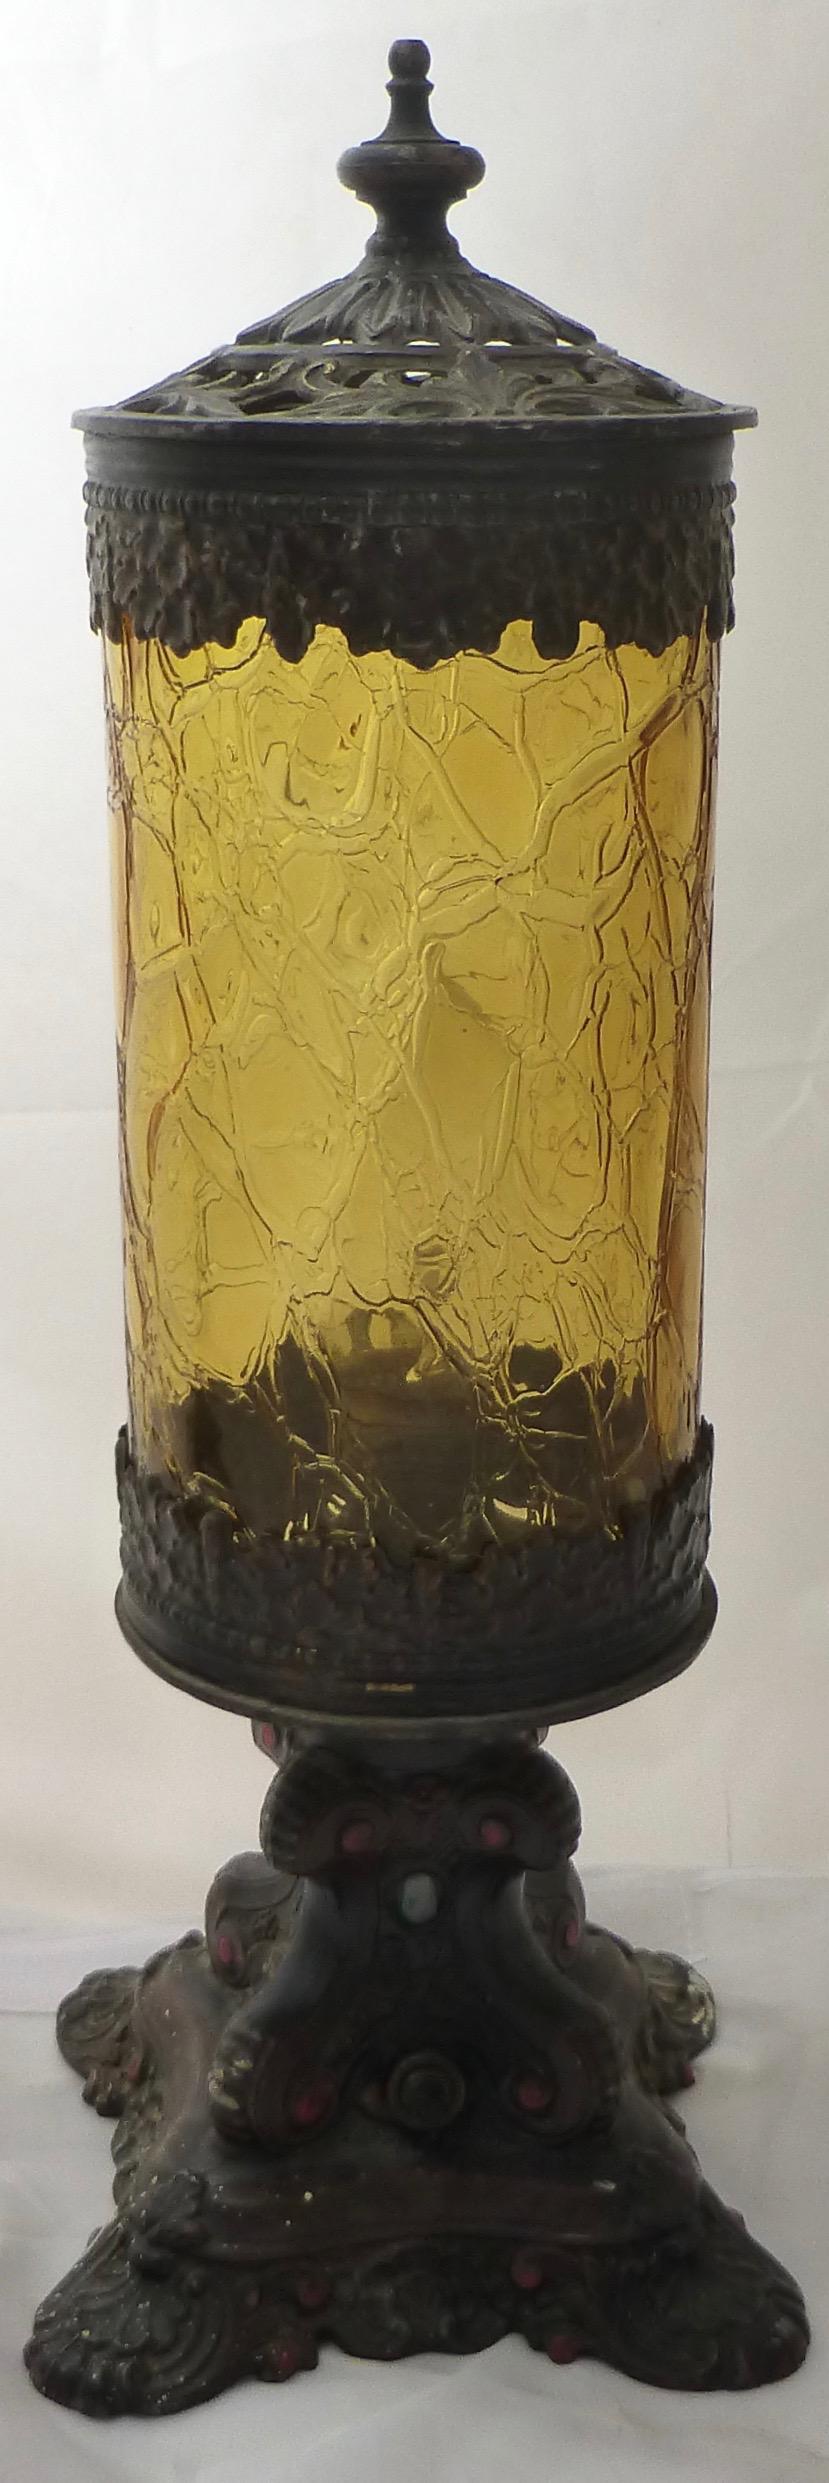 Antique Victorian Boudoir Lamps   A Pair   Image 3 Of 11